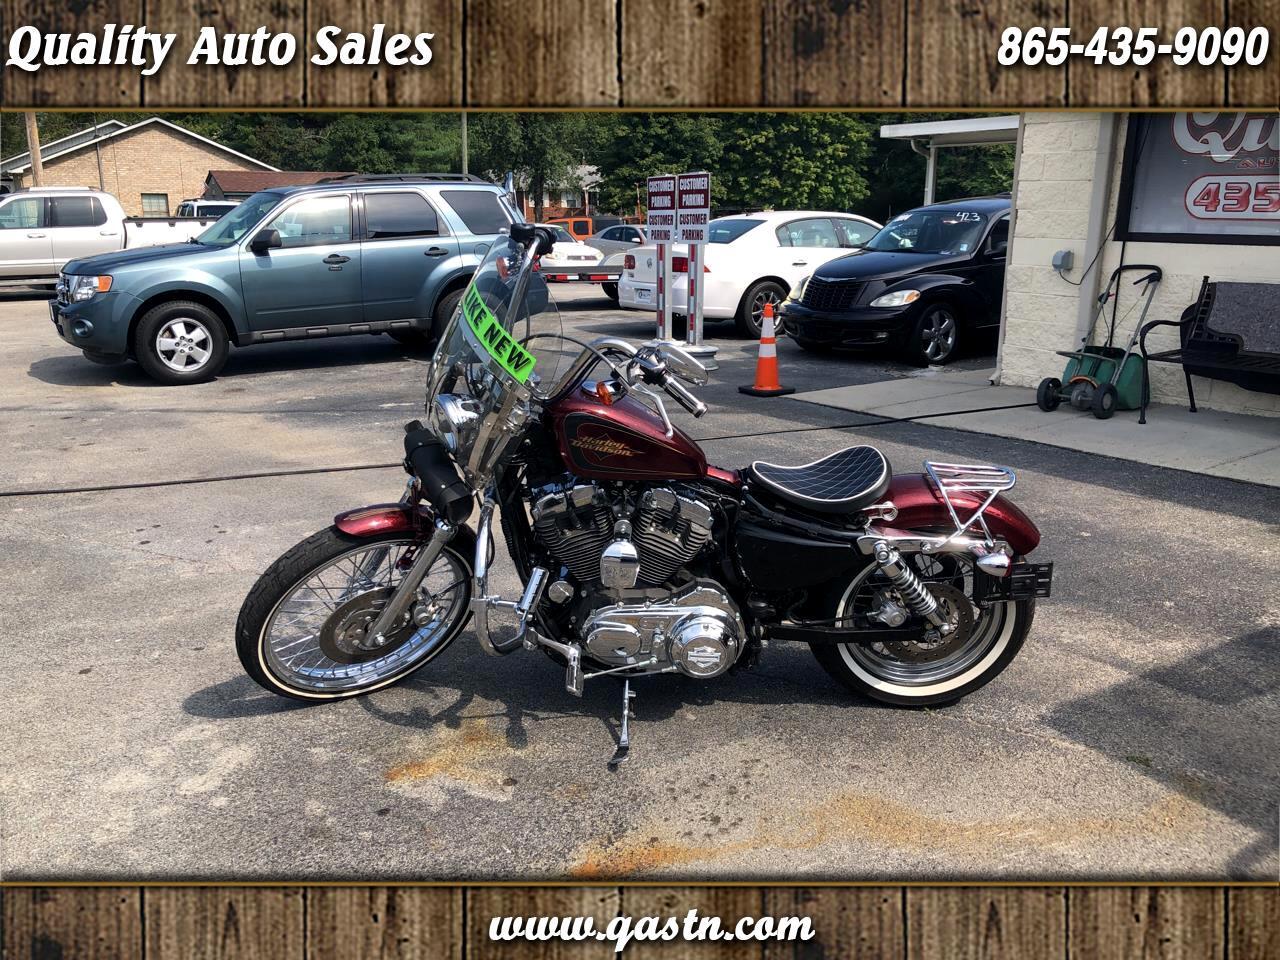 2012 Harley-Davidson XL 1200V -